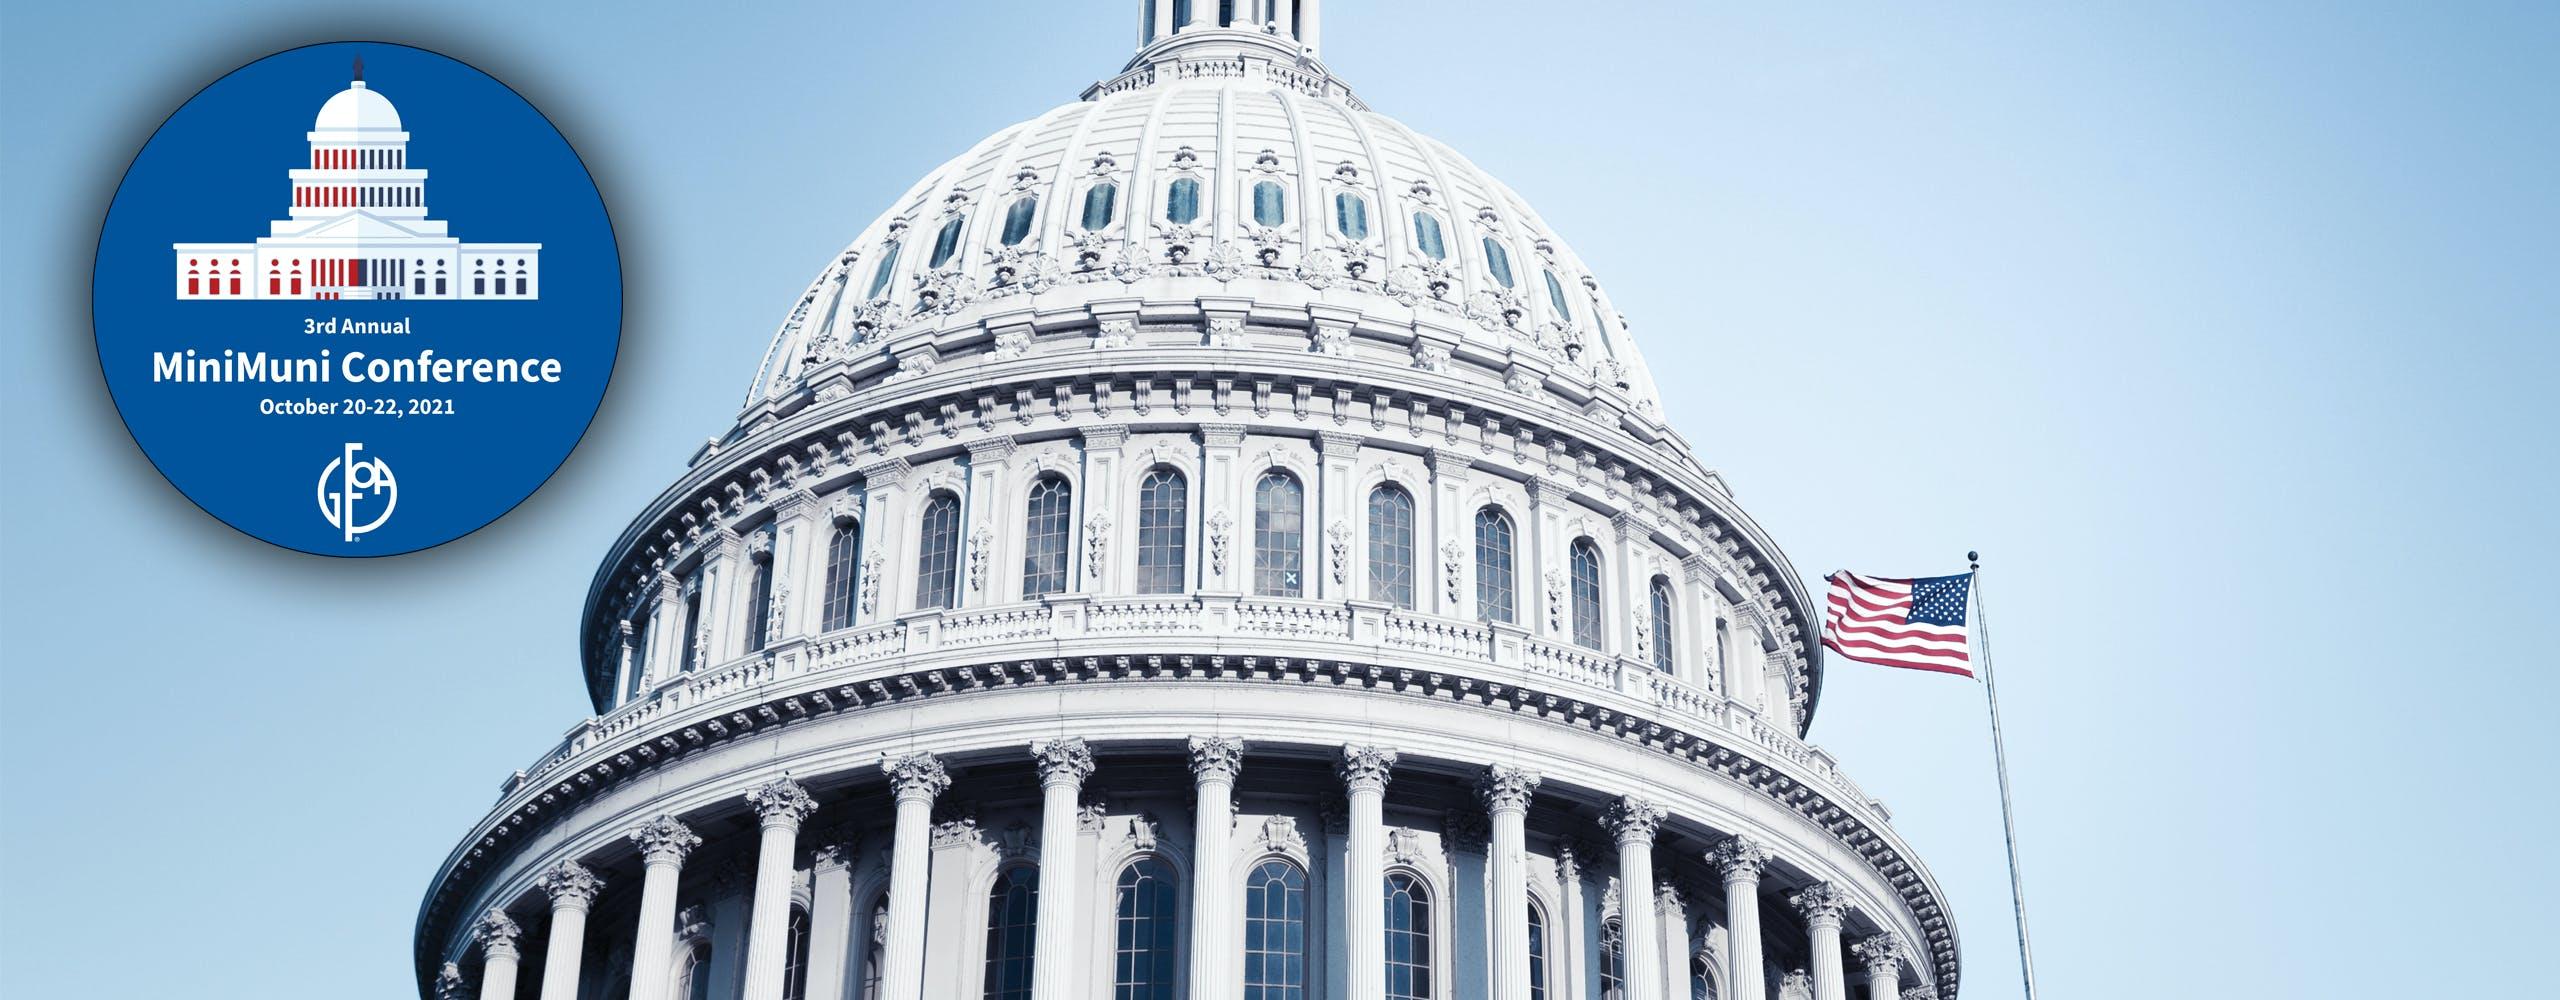 Image of Capitol and MiniMuni Logo